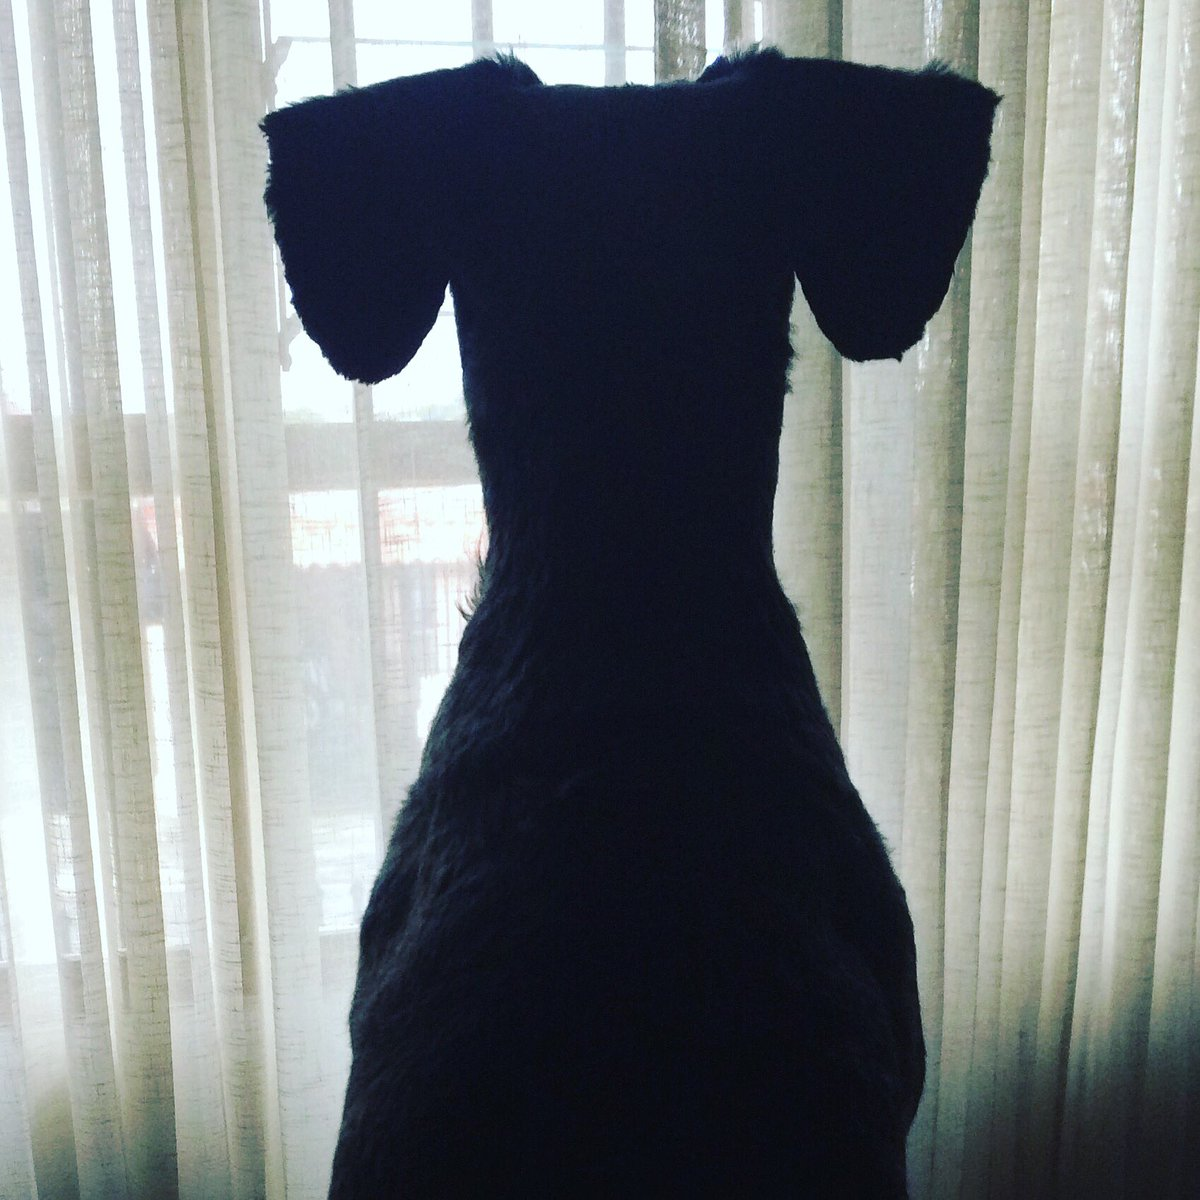 ¿Qué ven en esta foto? Like si ven un vestido, RT si ven un perro.